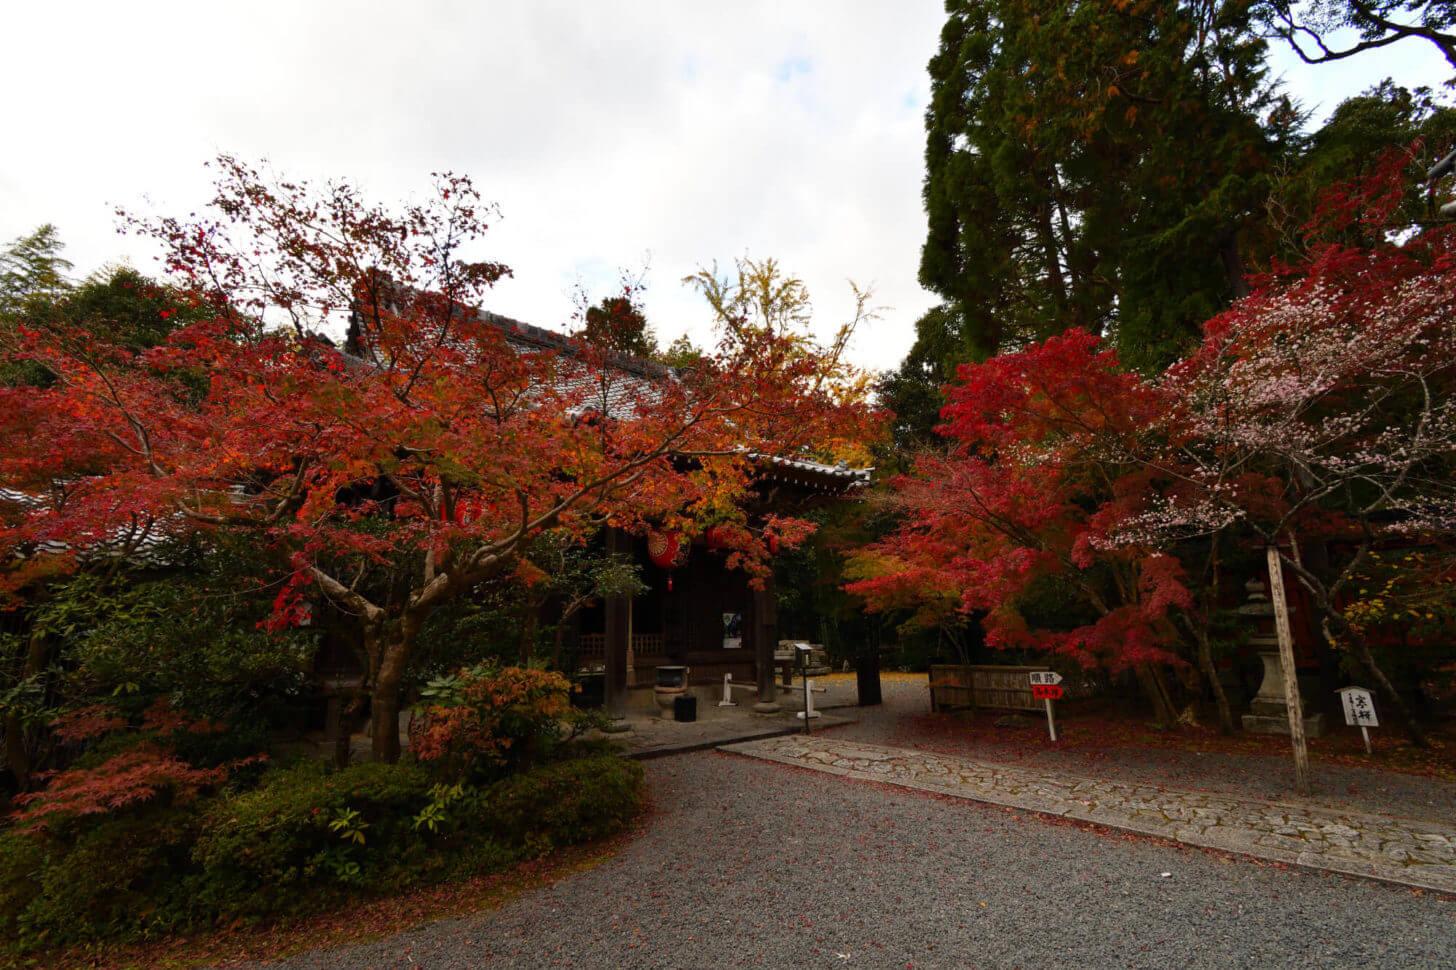 赤山禅院 地蔵尊周りの紅葉